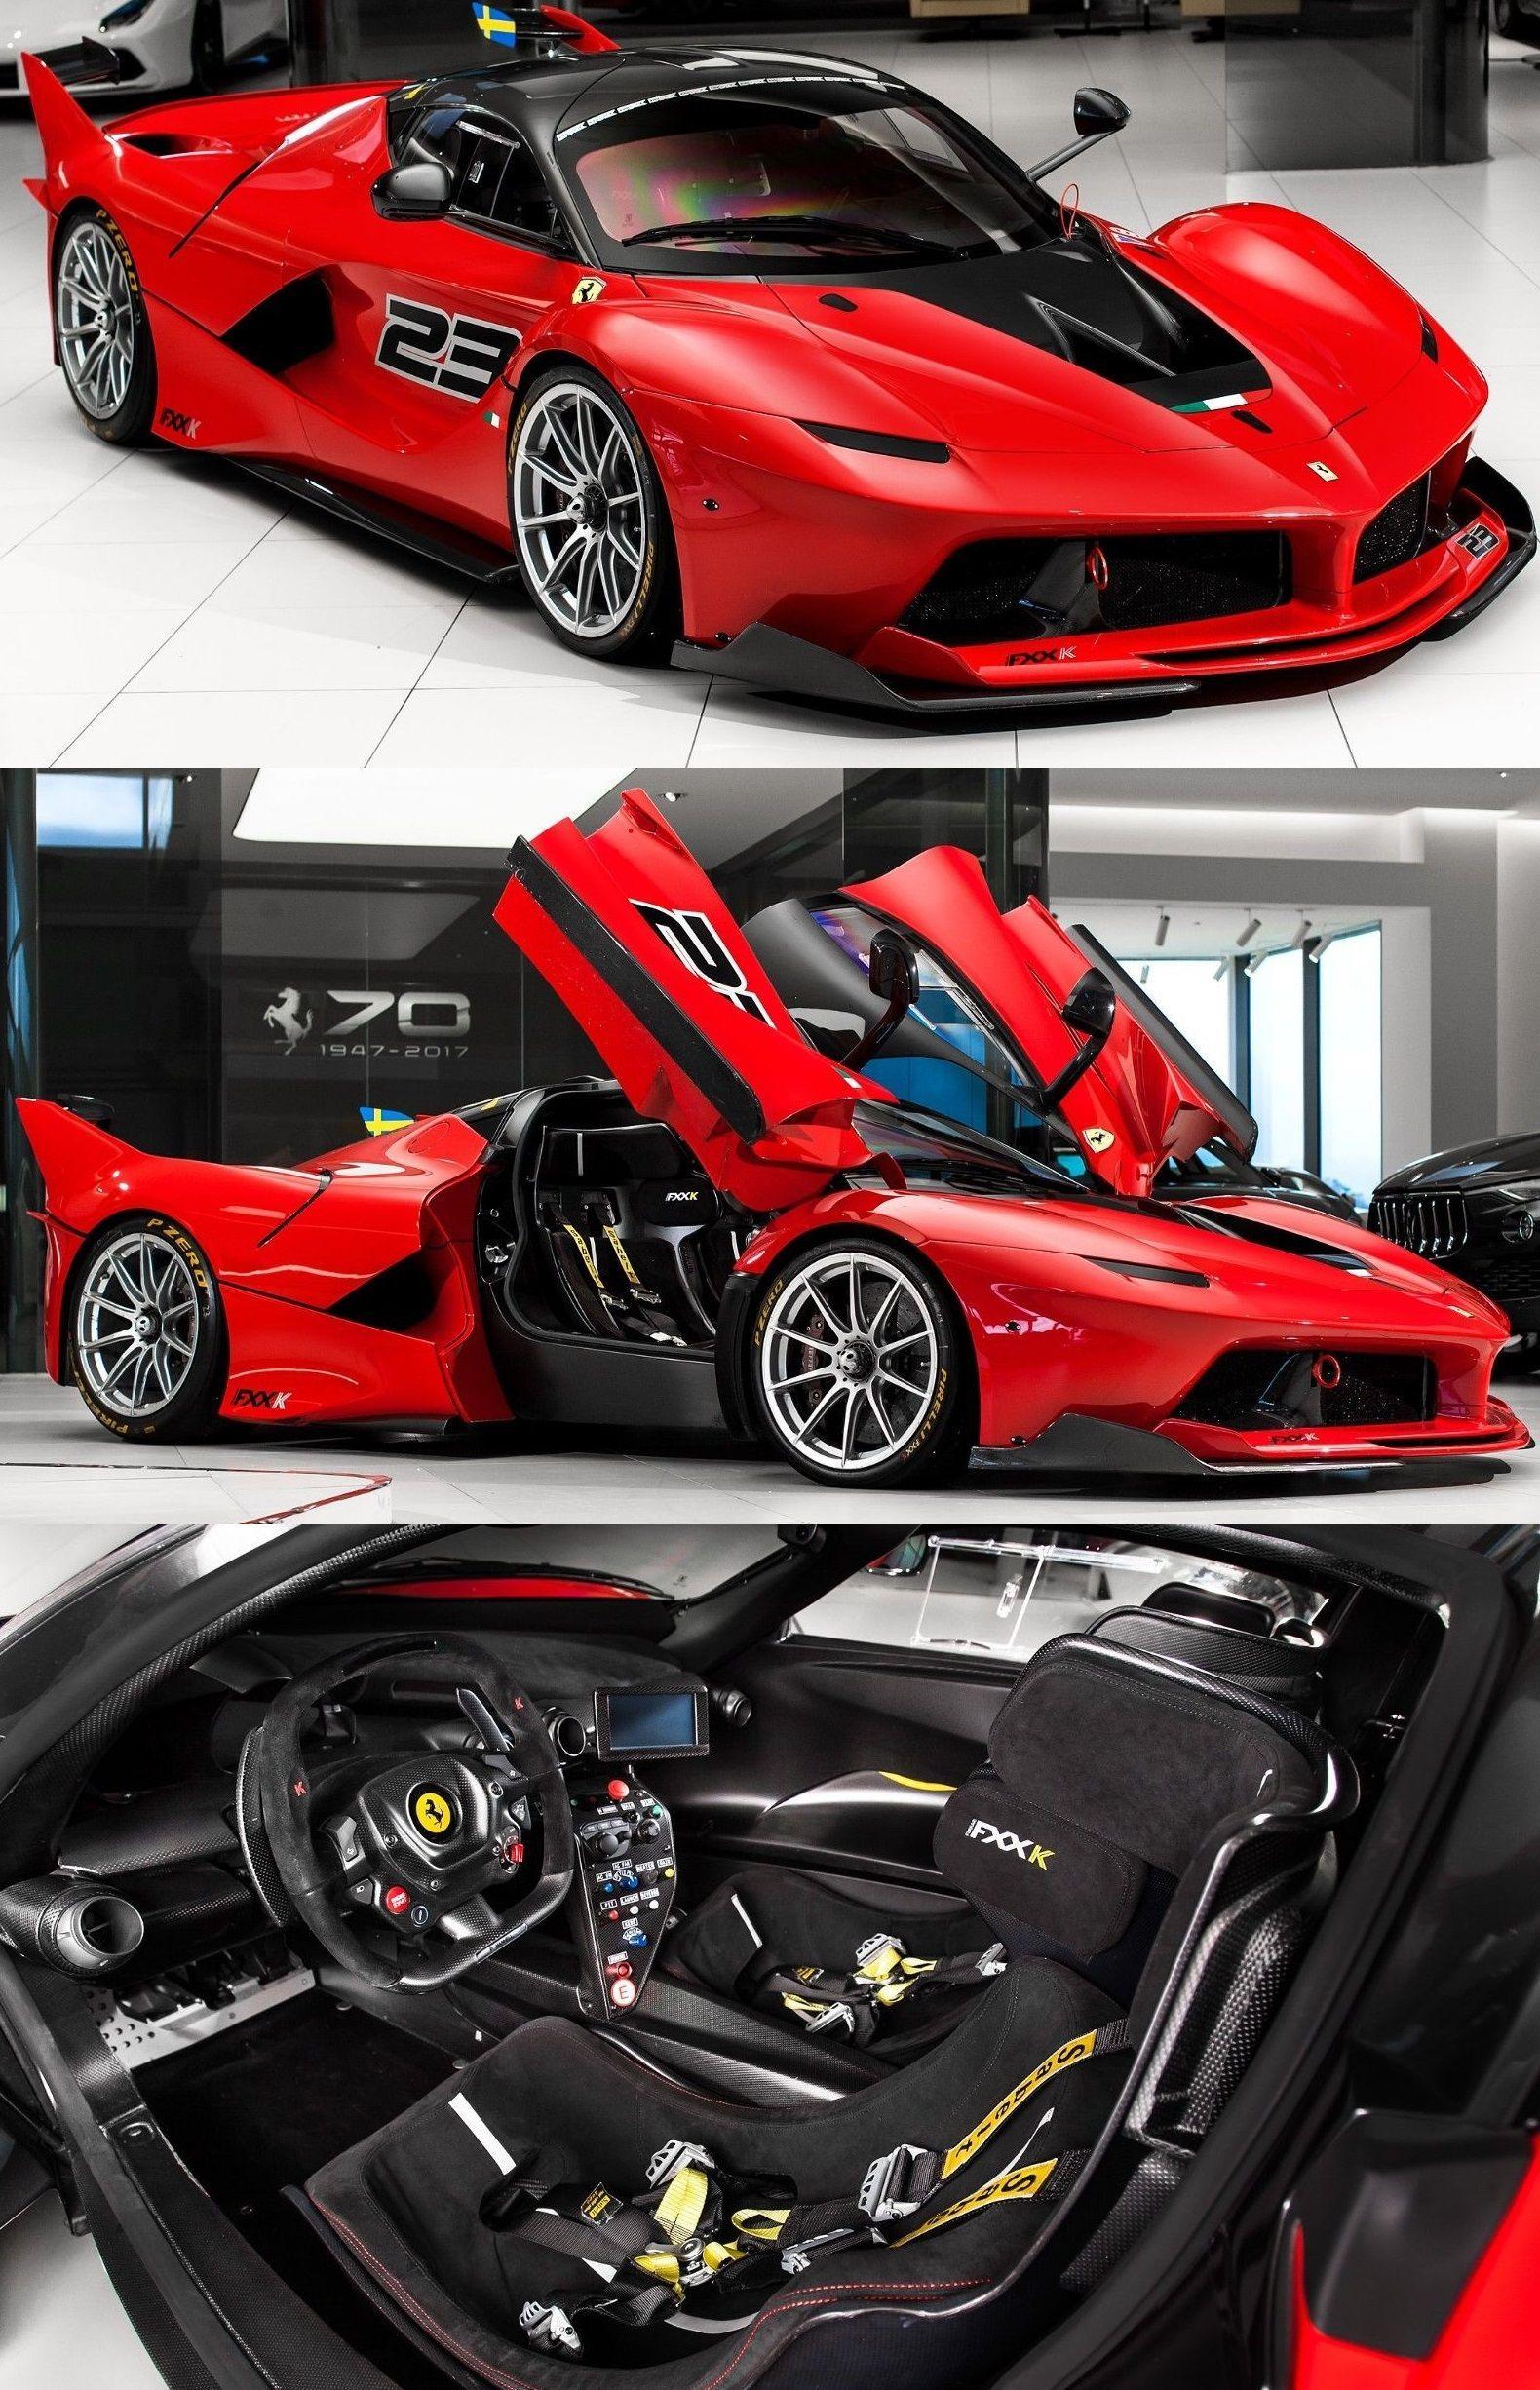 Ferrari Fxx K Ferrarifxx Ferrari Fxx K Ferrari Fxx Sports Cars Ferrari Super Cars